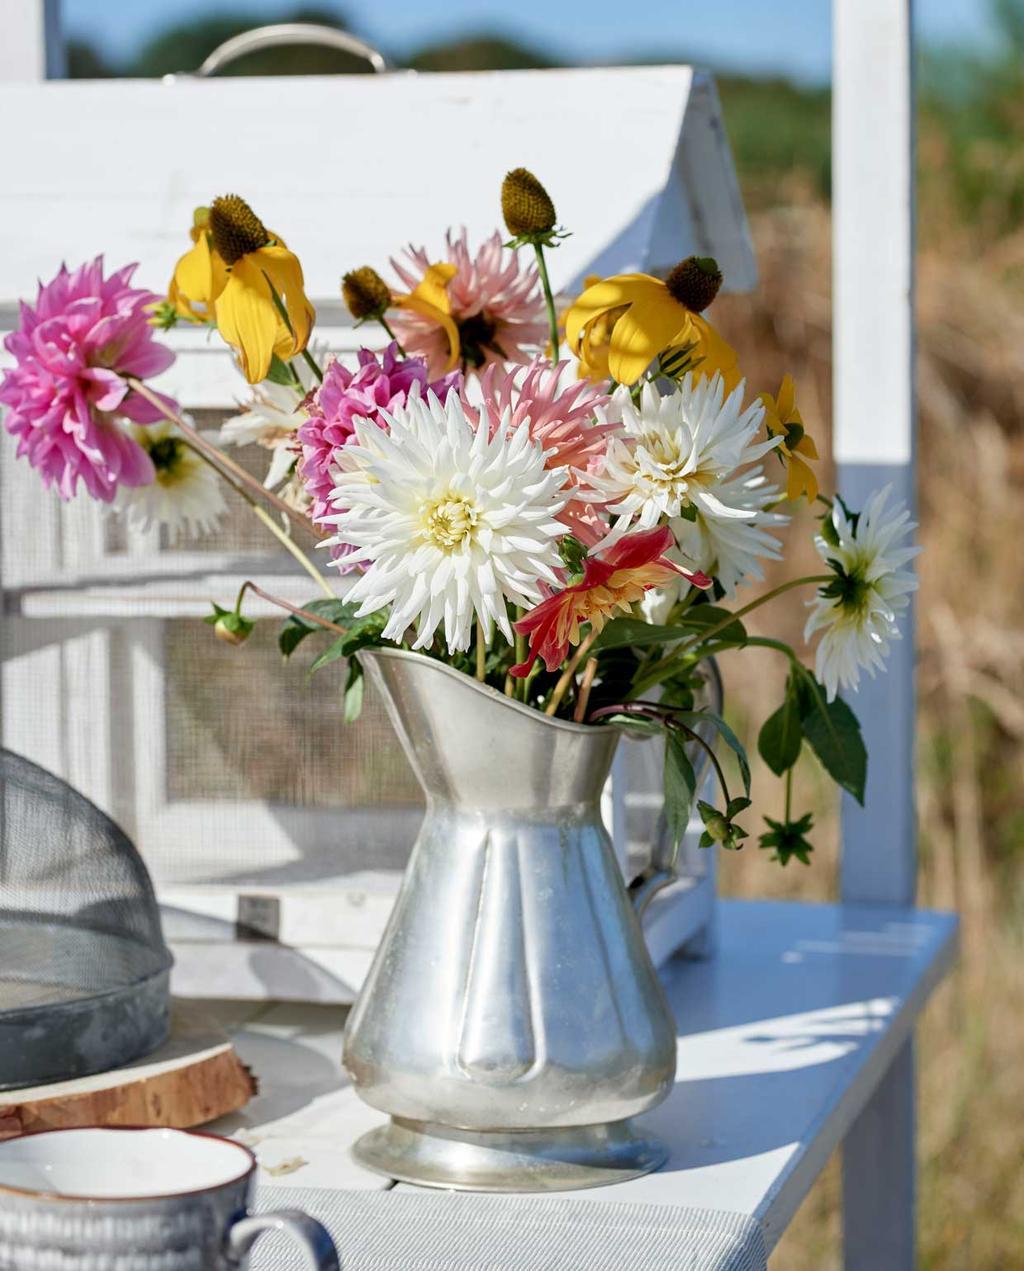 vtwonen 08-2020 | bk strandhuis in Egmond bloemen op tafel in waterkant